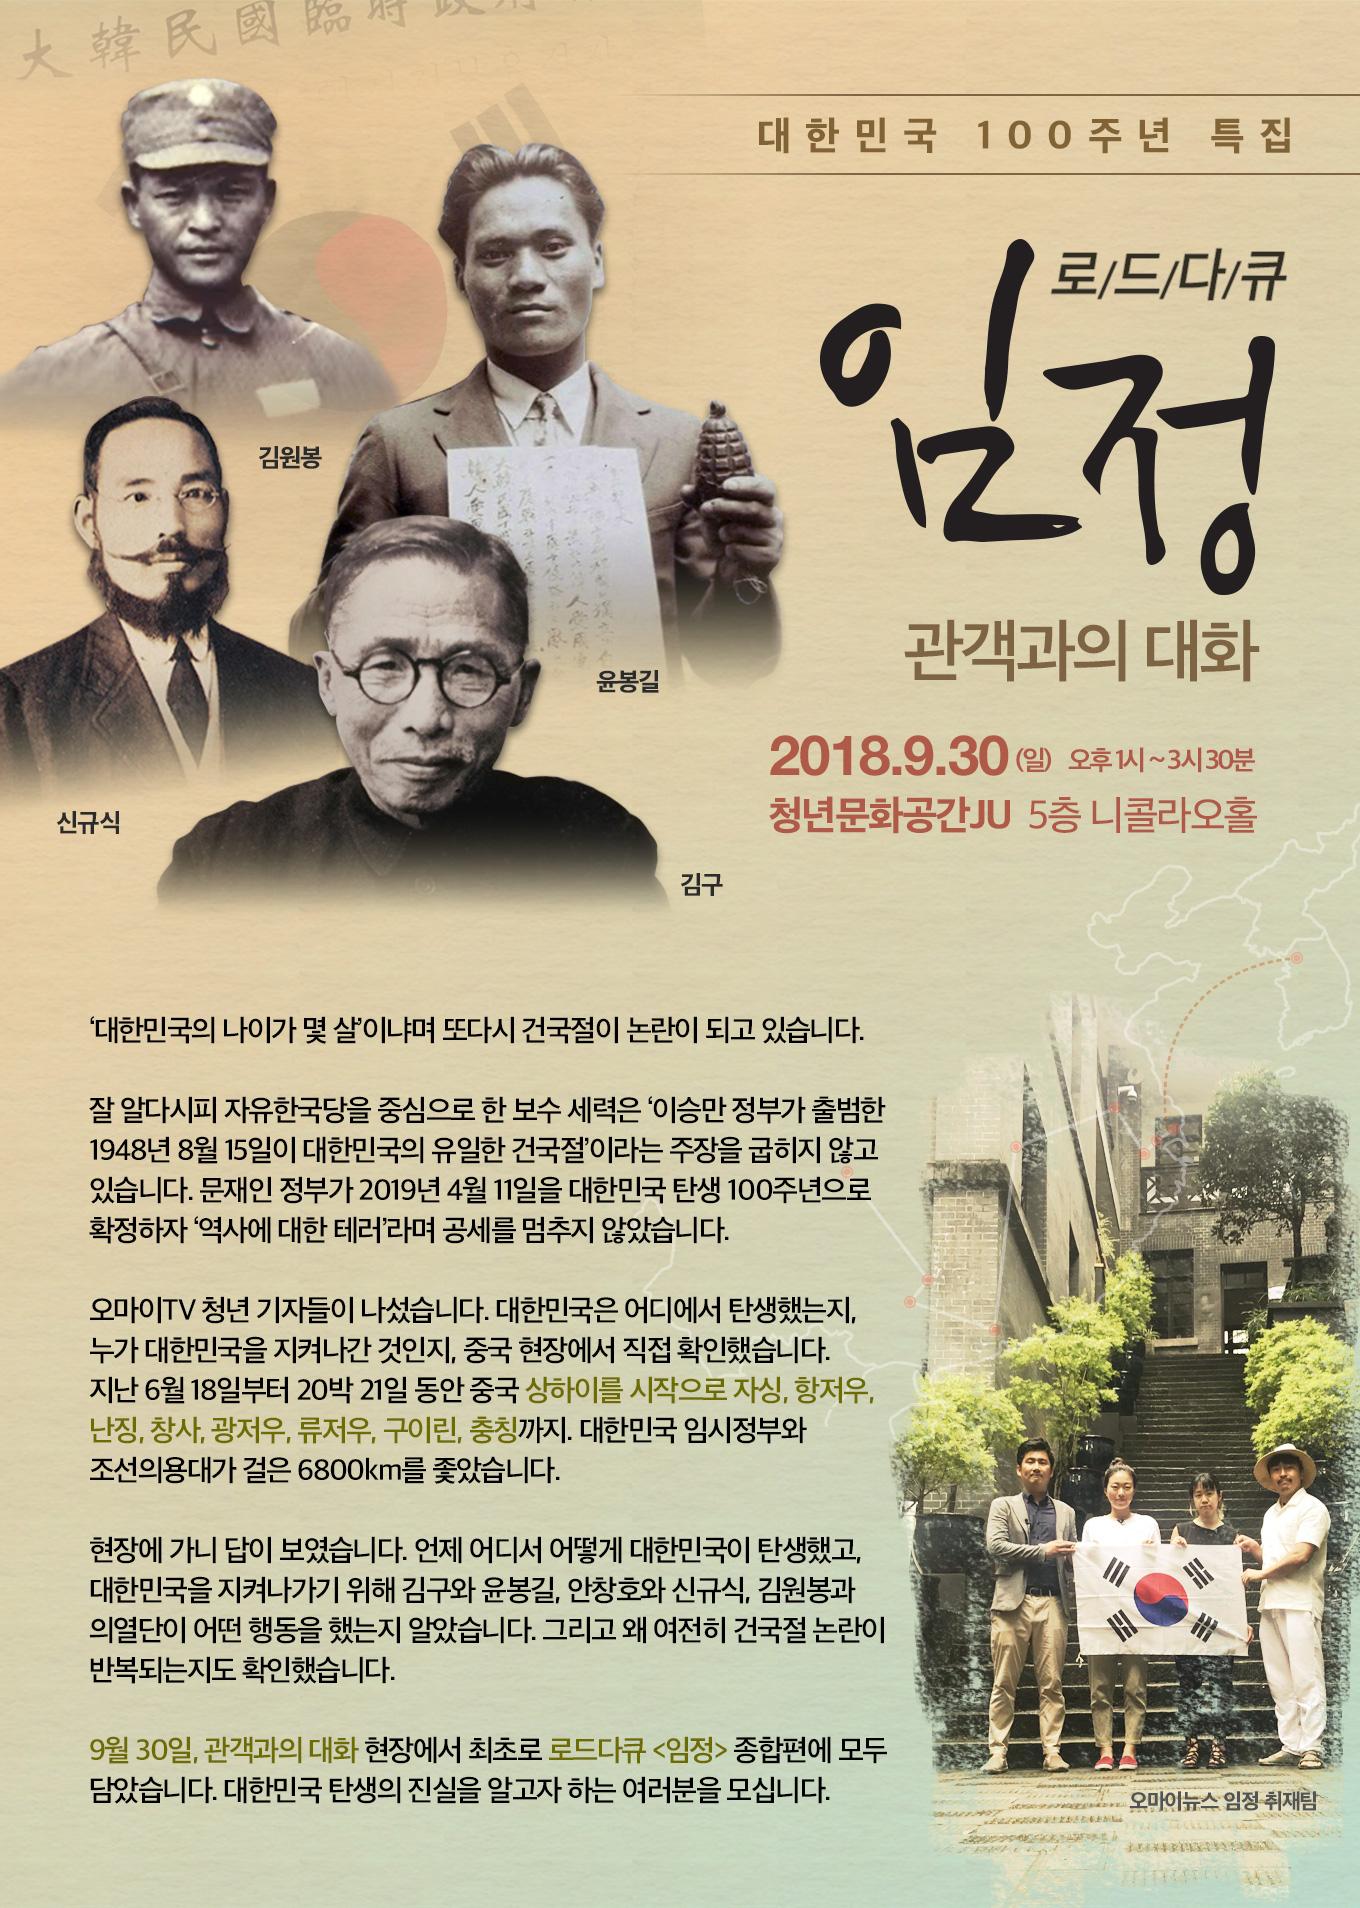 대한민국 100주년 특집 로드다큐 임정 관객과의 대화, 2018년 9월 30일 일요일 오후1시부터 3시 30분, 청년문화공간JU 5층 니콜라오홀